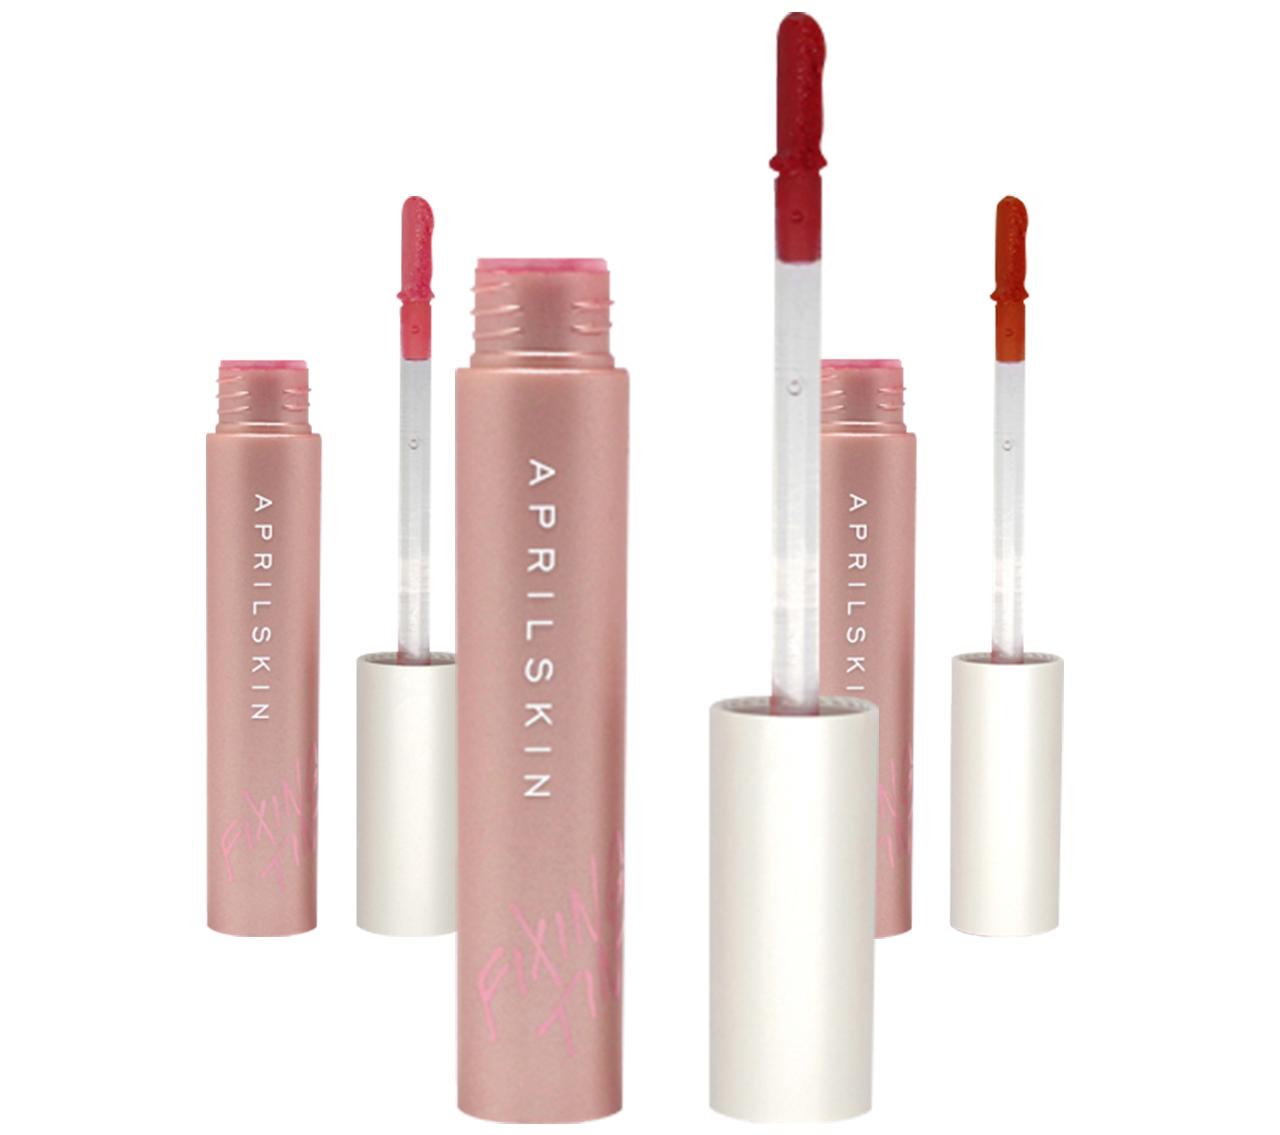 Son April Skin Fixing Tint Hàn Quốc với thiết kế màu hồng kết hợp với màu trắng khá bắt mắt, lạ, đẹp